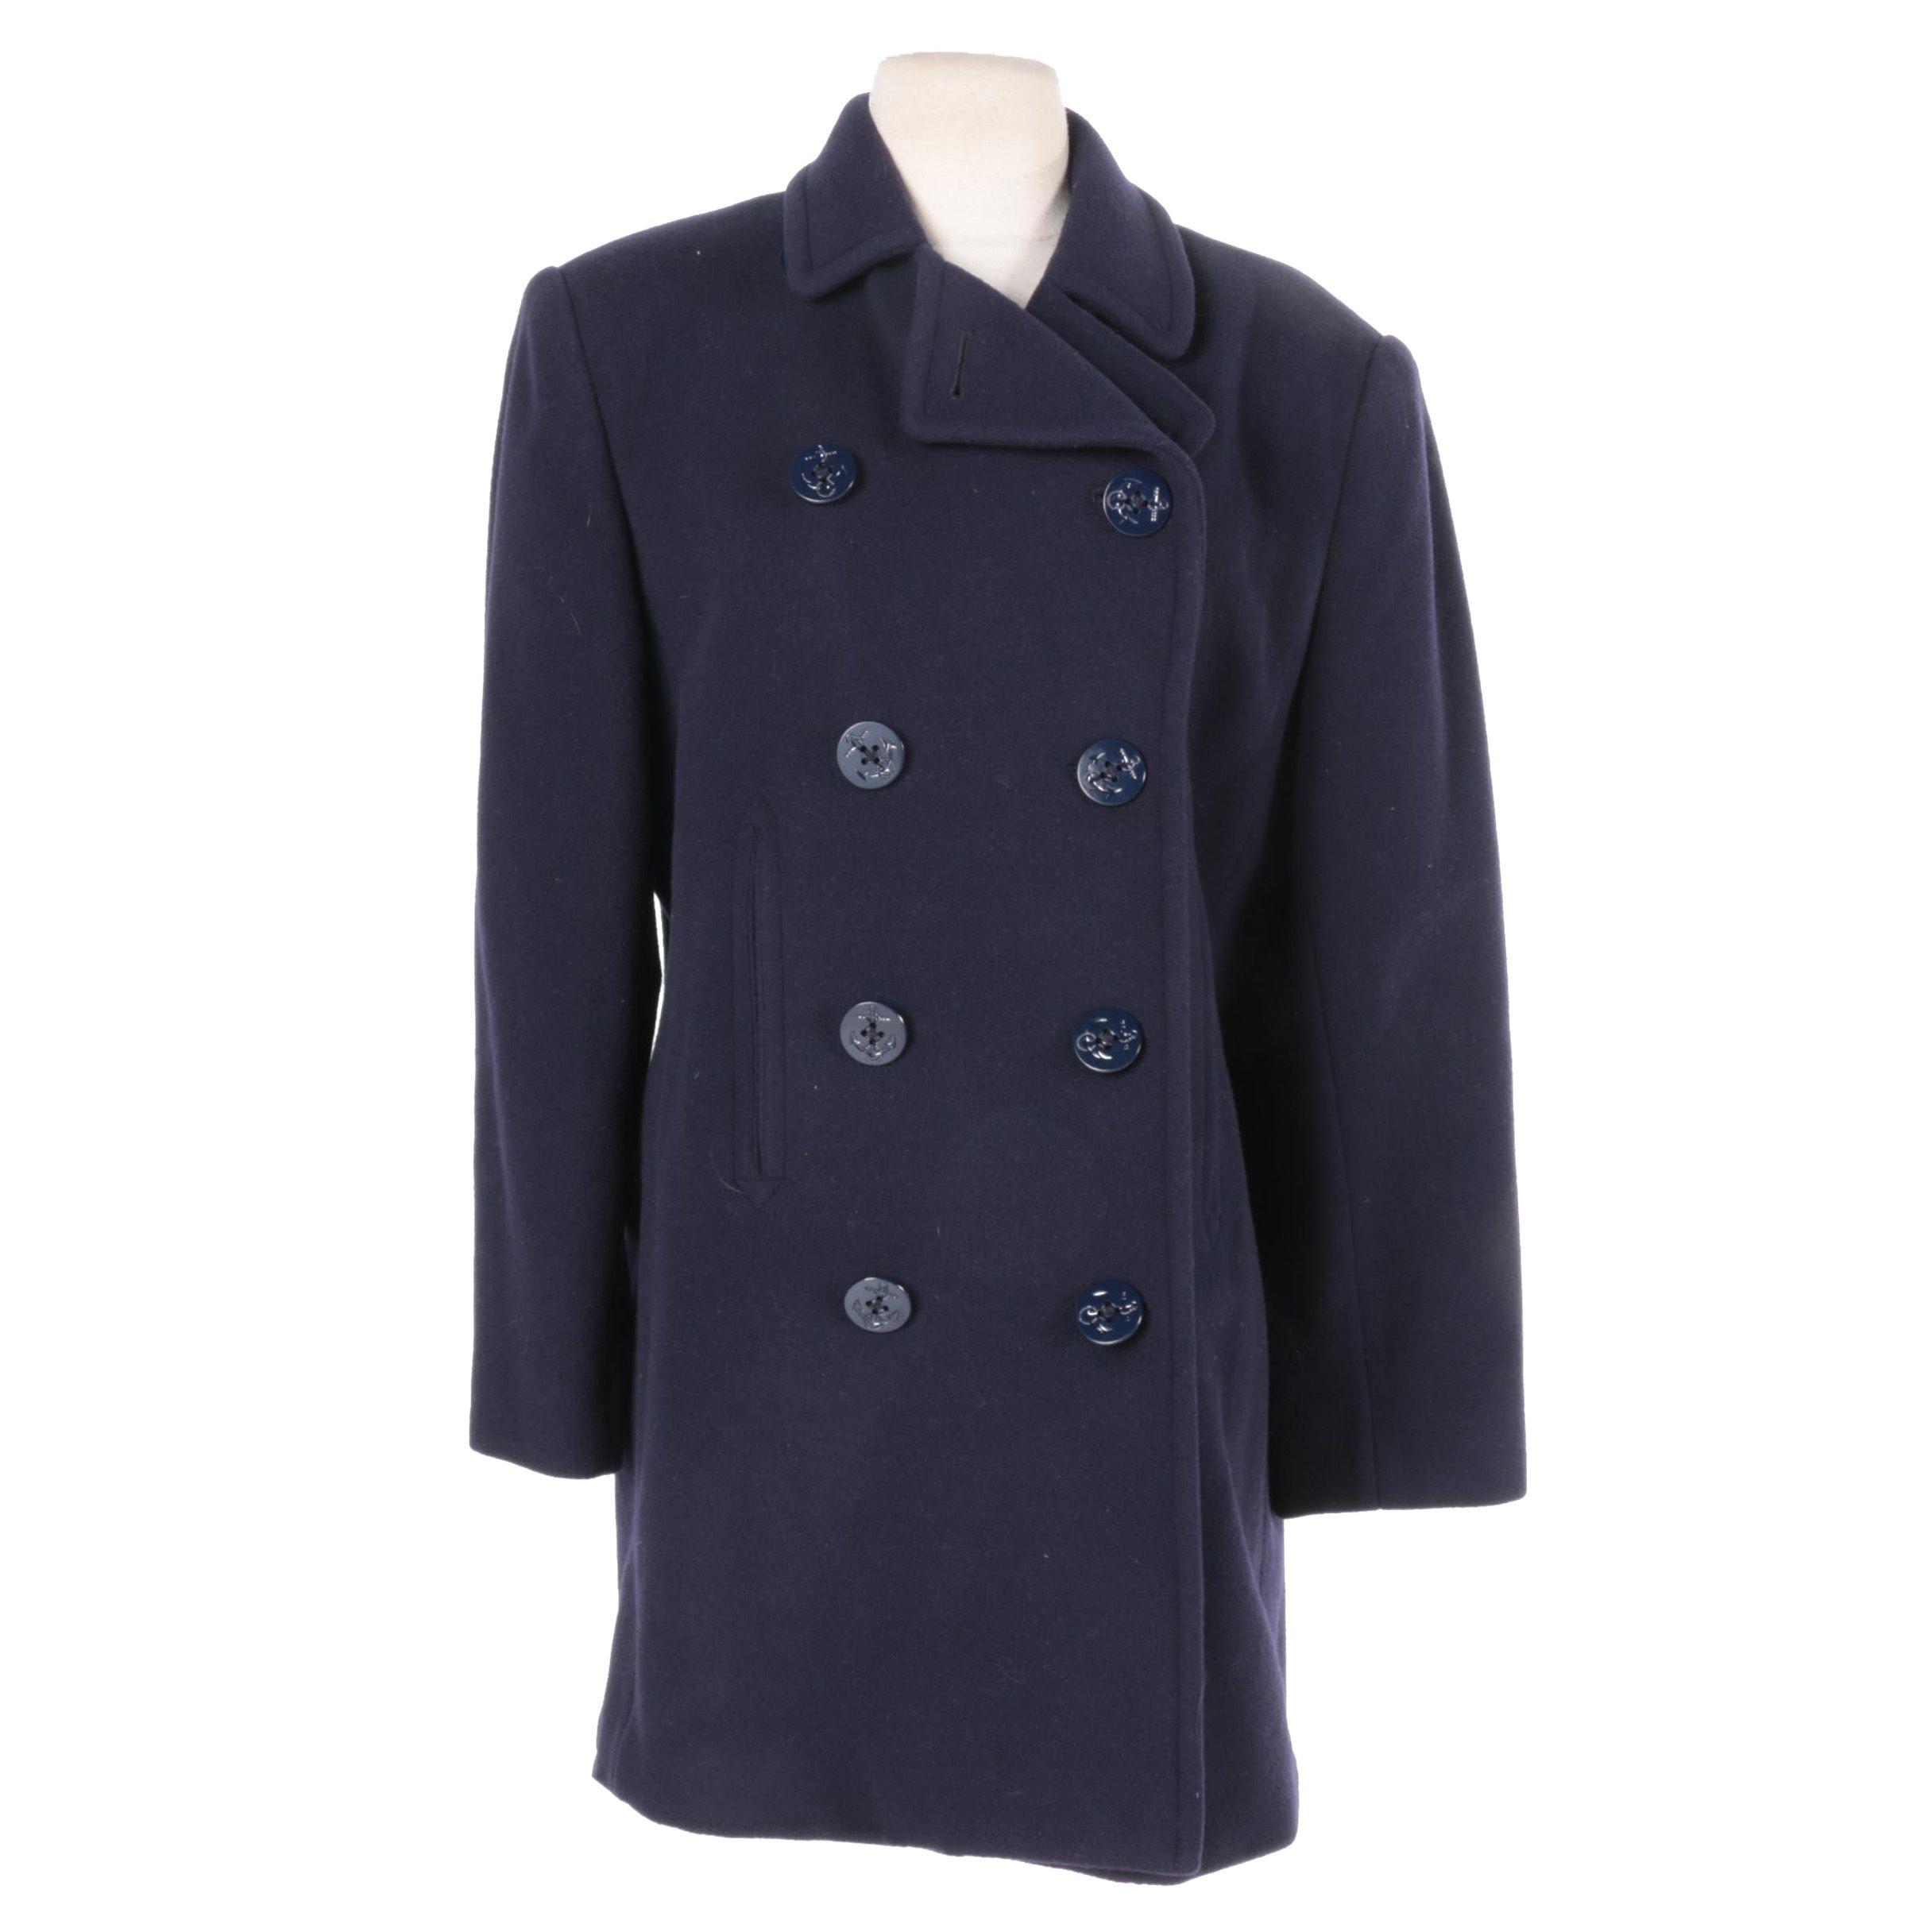 Women's Lauren Ralph Lauren Navy Blue Wool Blend Peacoat